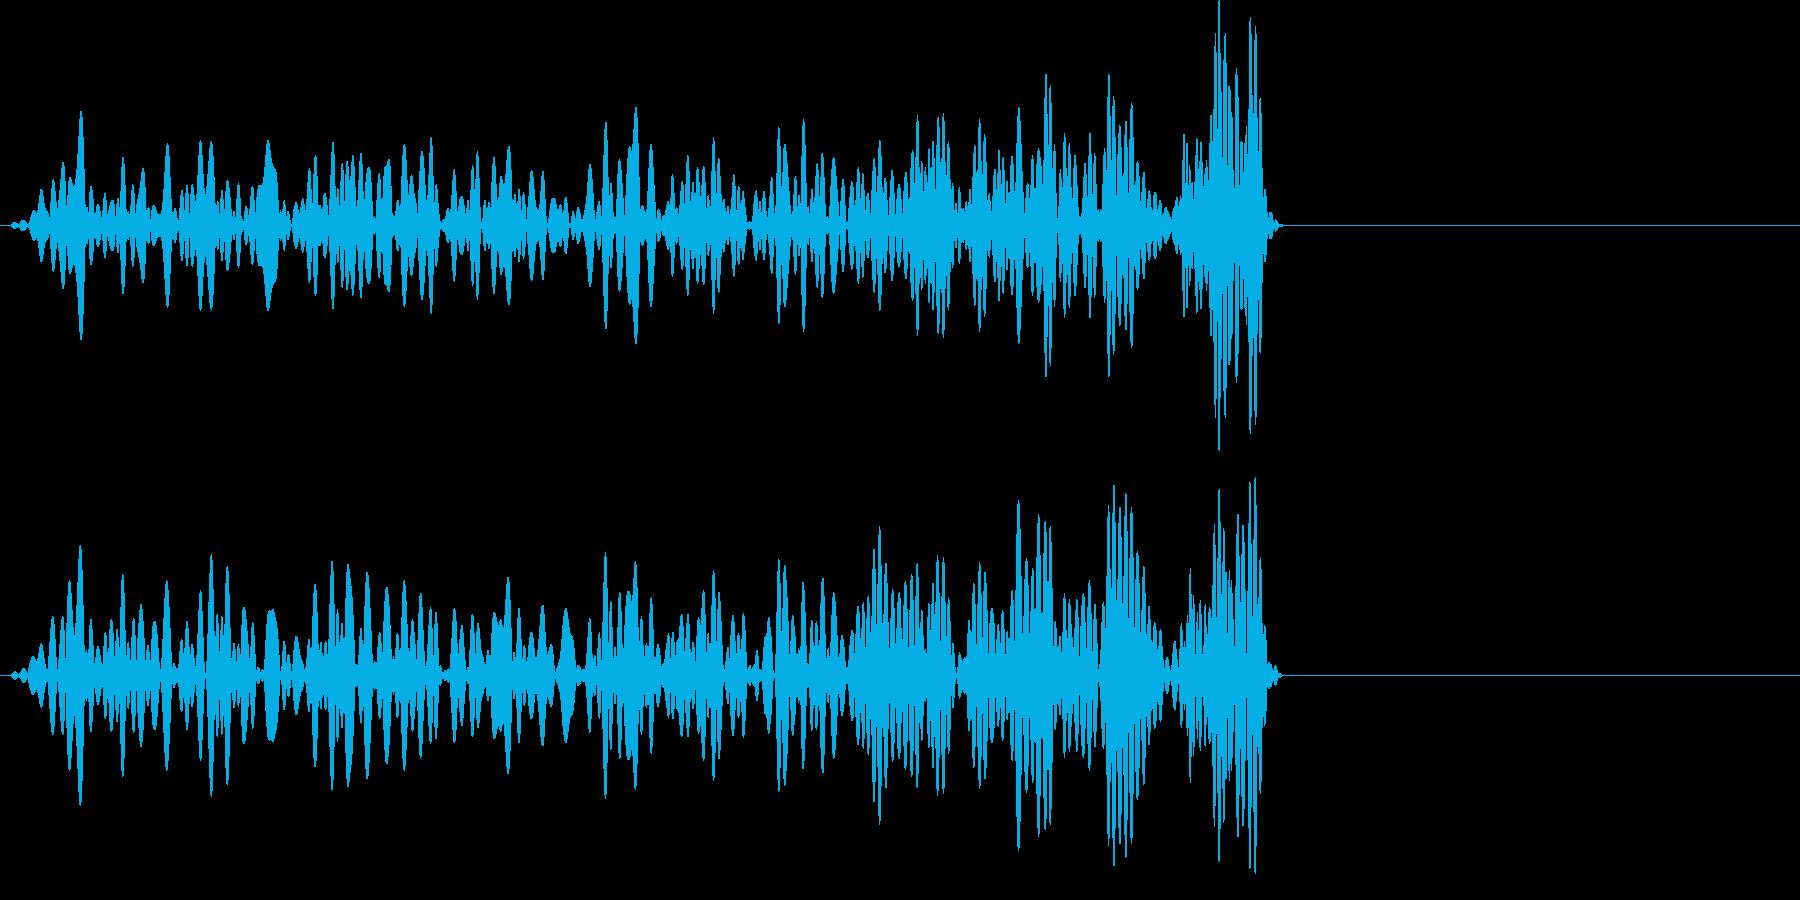 ゴゴゴゴゴッ (岩を動かす音)の再生済みの波形